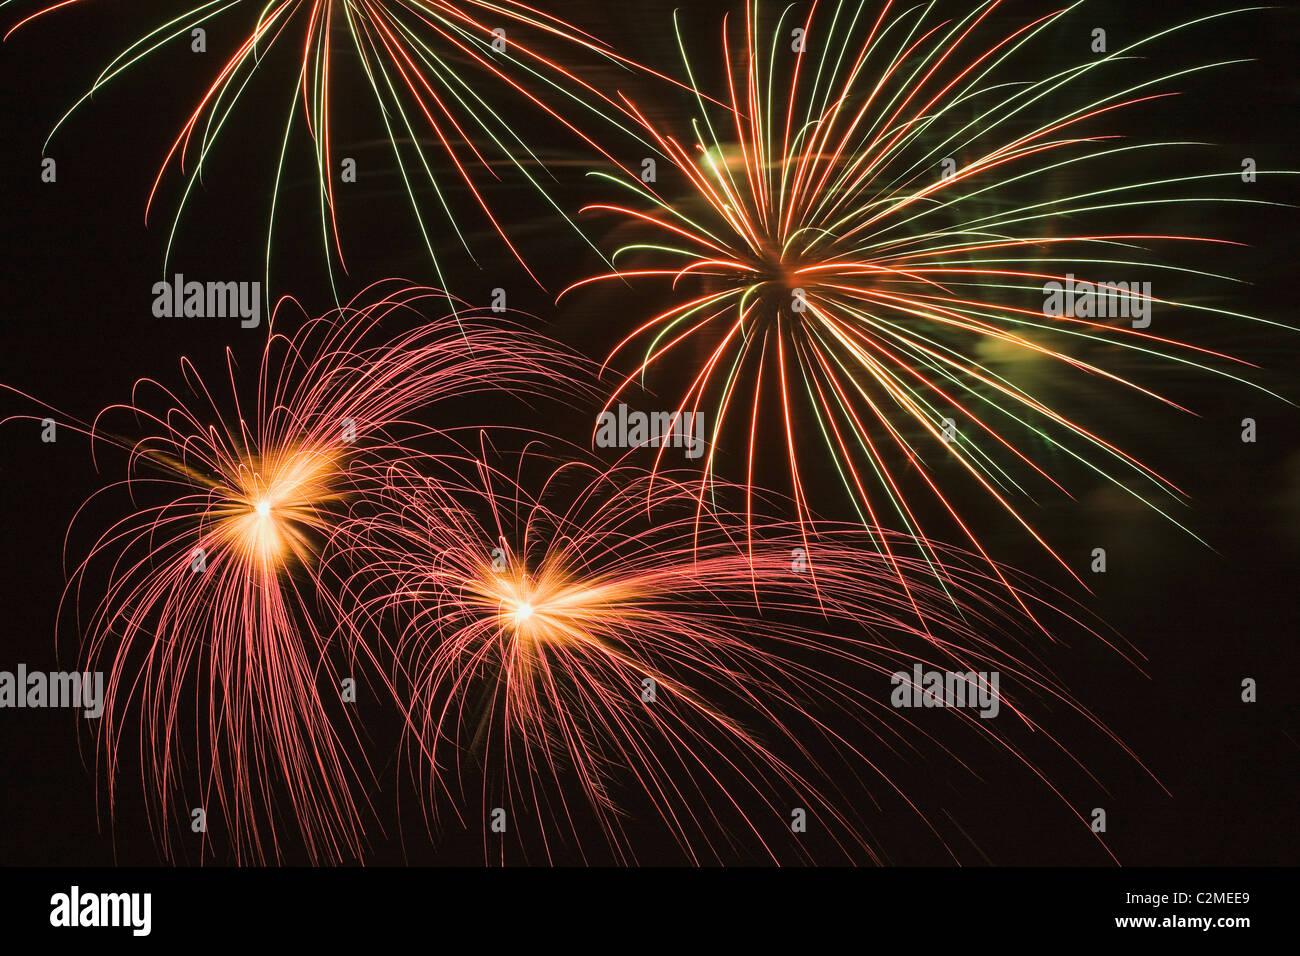 Feuerwerk; Buntes Feuerwerk in der Nacht Stockbild